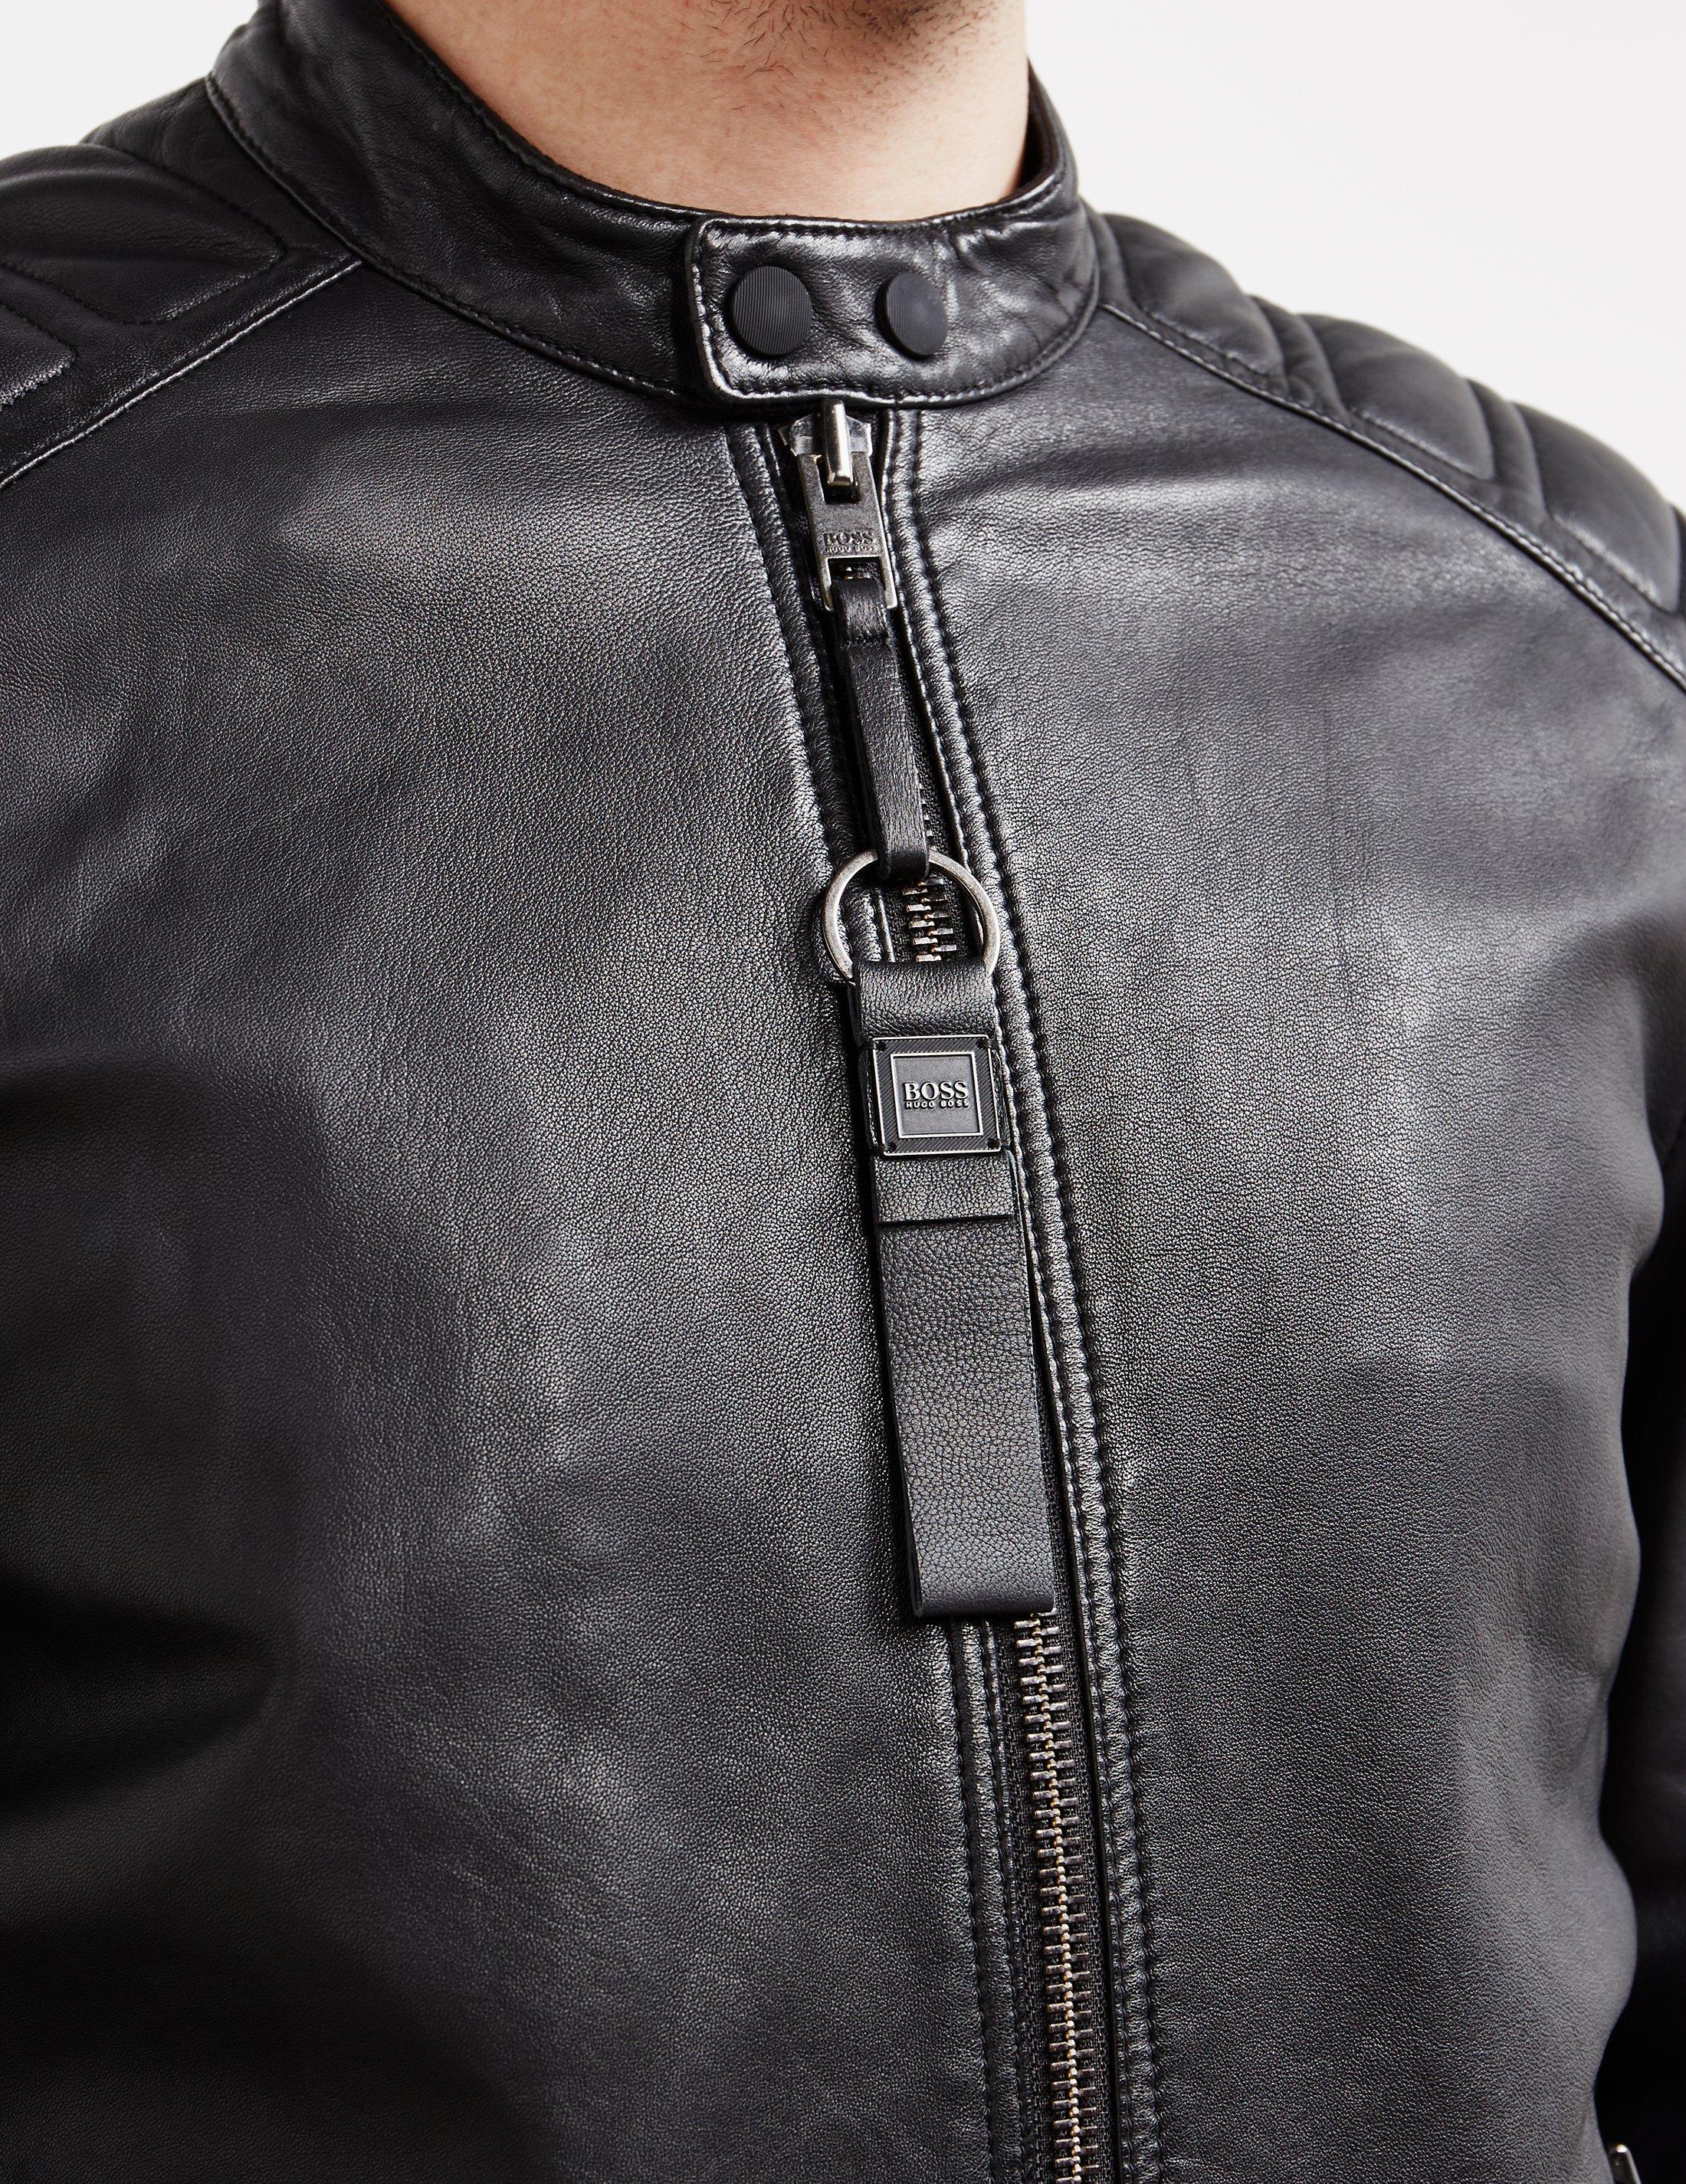 boss men's leather jacket sale